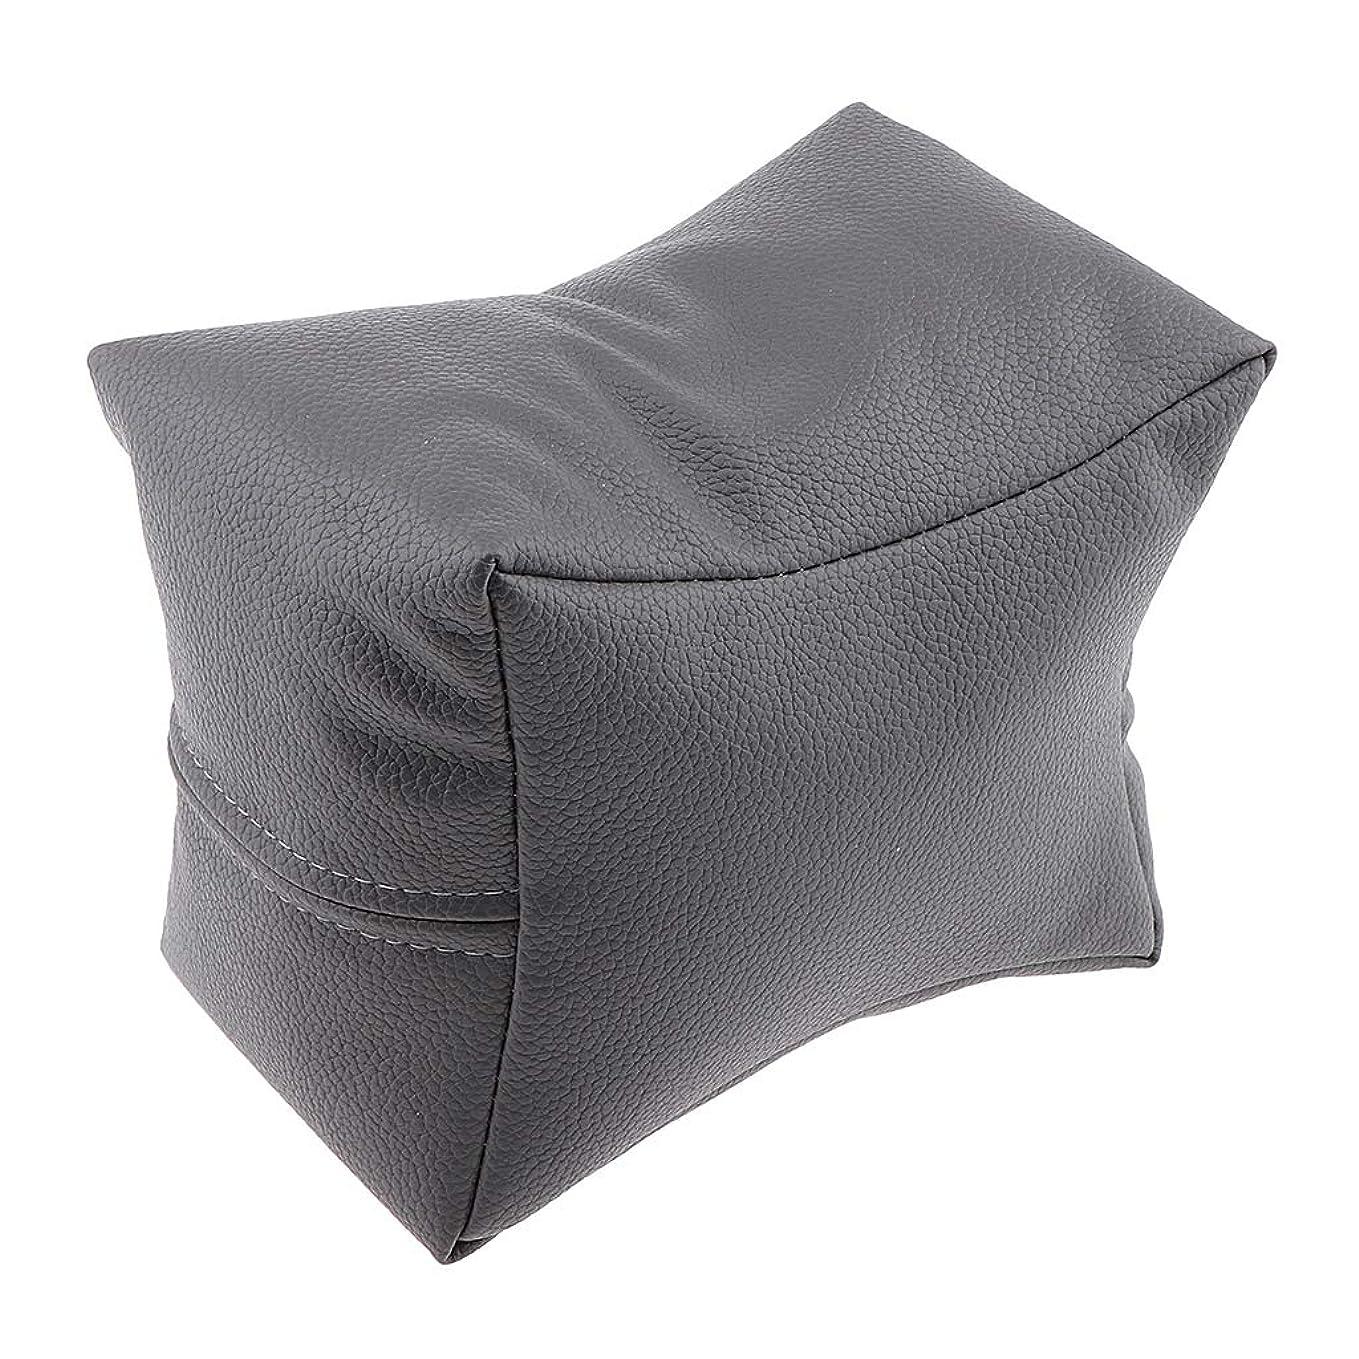 グレートバリアリーフ可塑性かみそりCUTICATE マニキュア ハンドレスト 手枕 ハンドピロー ハンドクッション ソフト 4色選べ - グレー